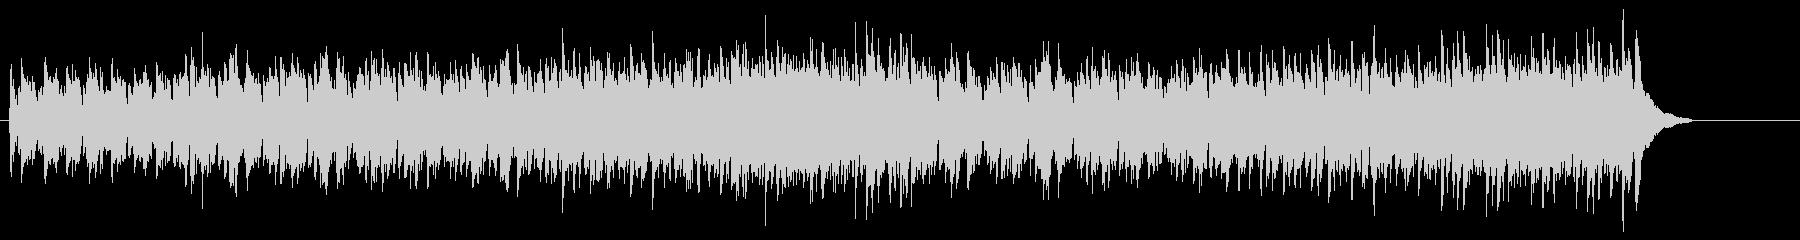 楽しい外国民謡調フォーク・ソングの未再生の波形